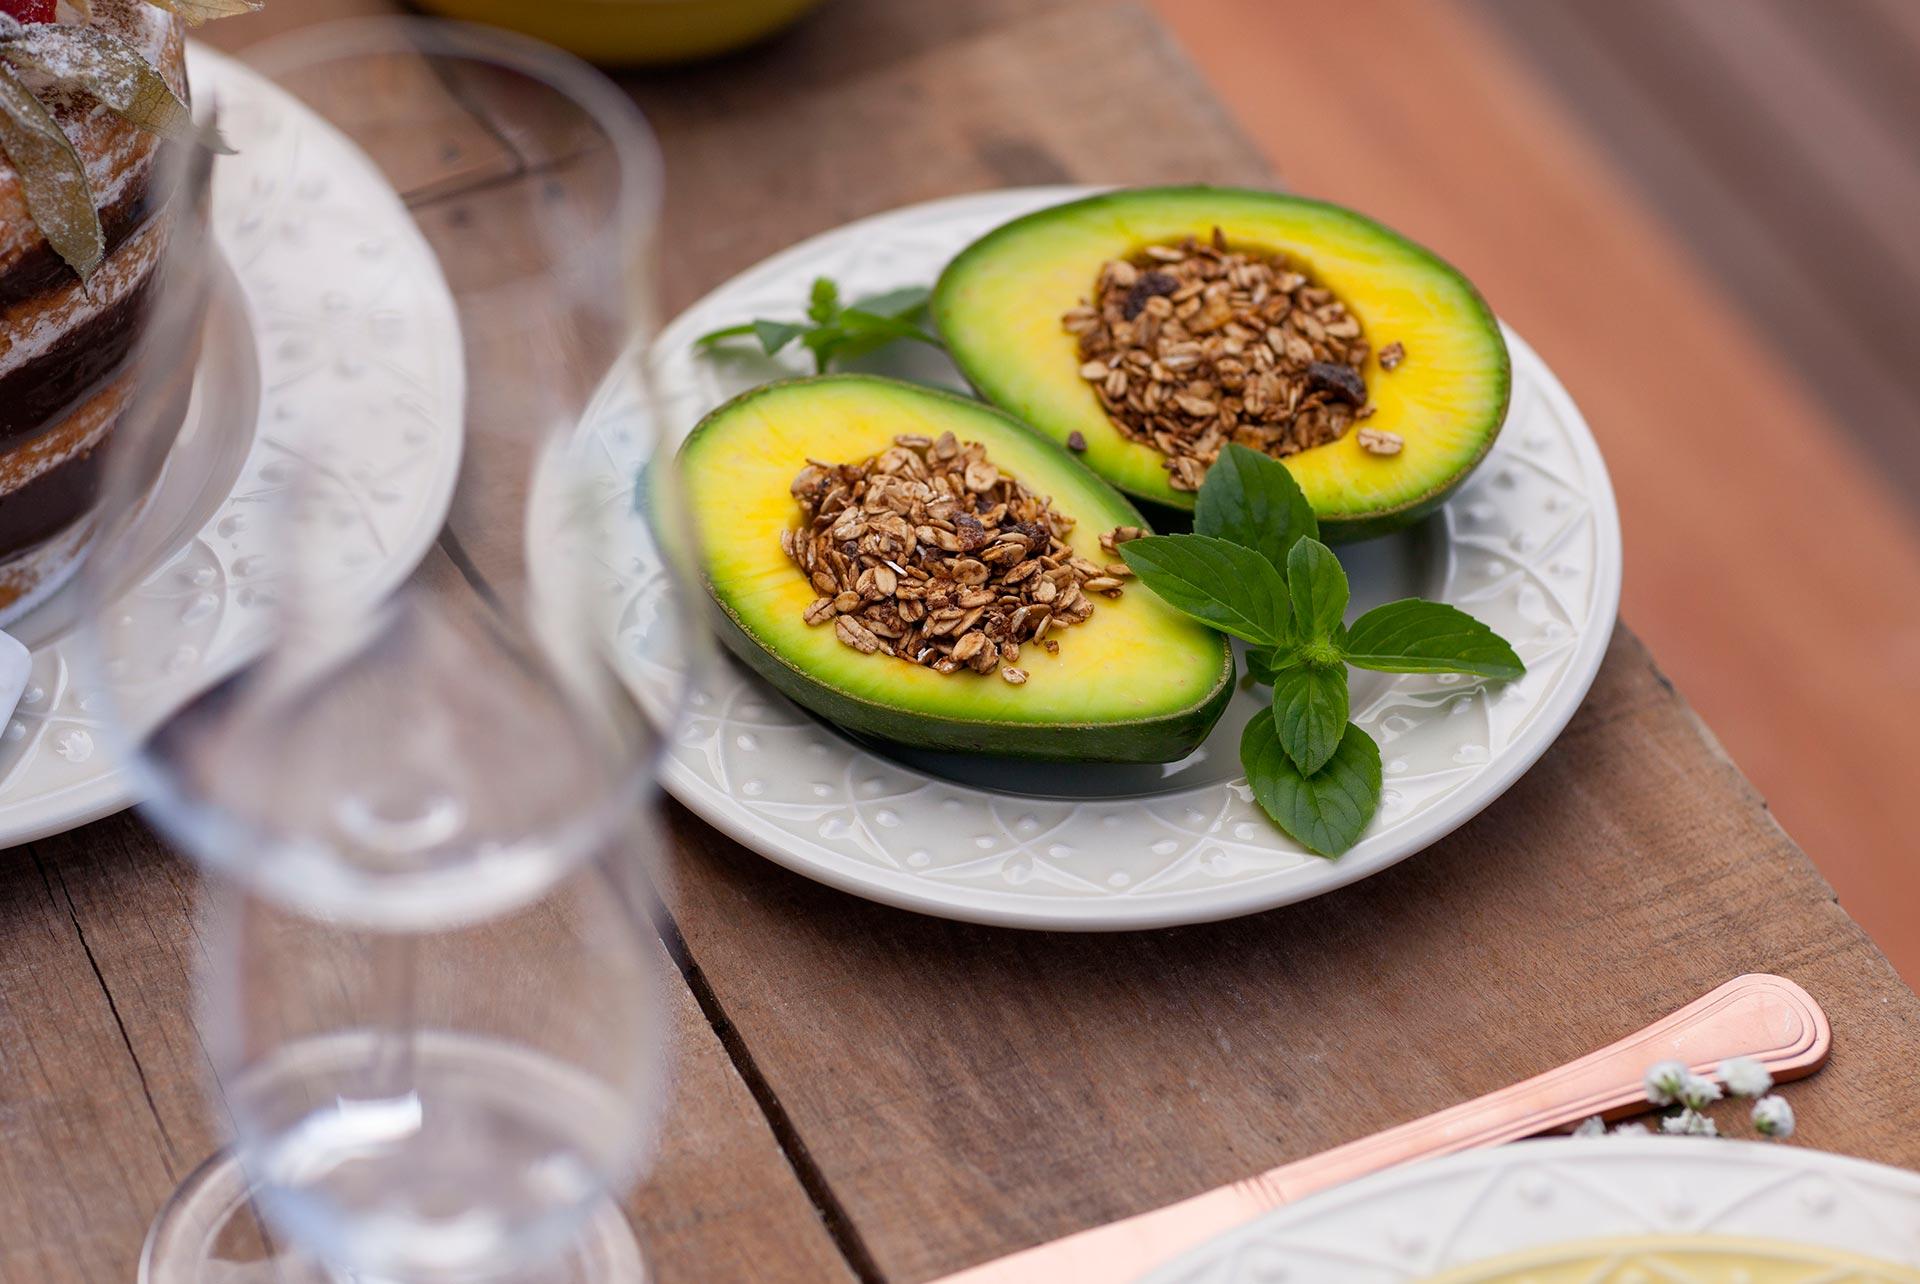 Imagem: No espaço da semente, cereais e uma dupla função para os abacates! Temperos, mosquitinhos e folhas verdes completam a mesa. Foto: Raphael Günther/Bespoke Content.